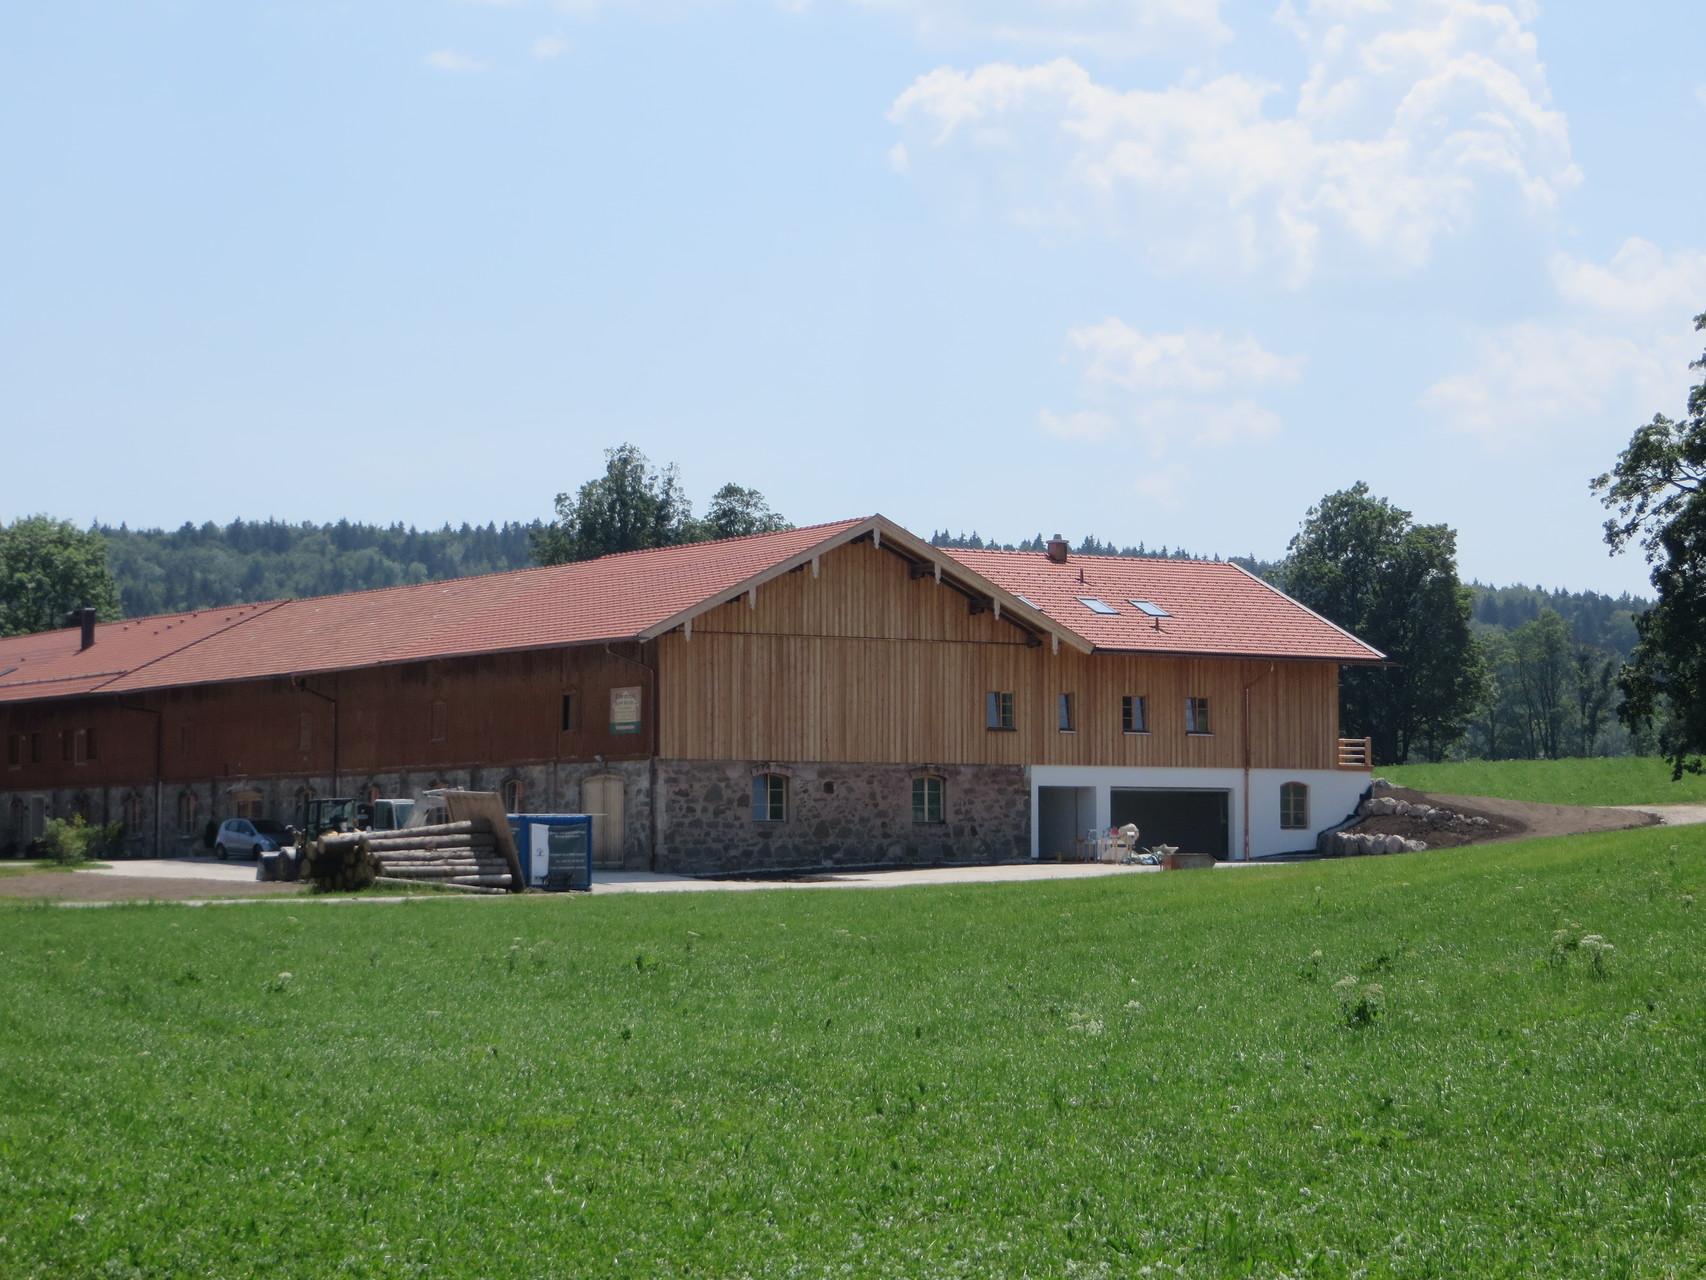 Anbau in Massivholzhaus an landwirtschaftl. Gebäude | Gmund-Finsterwald